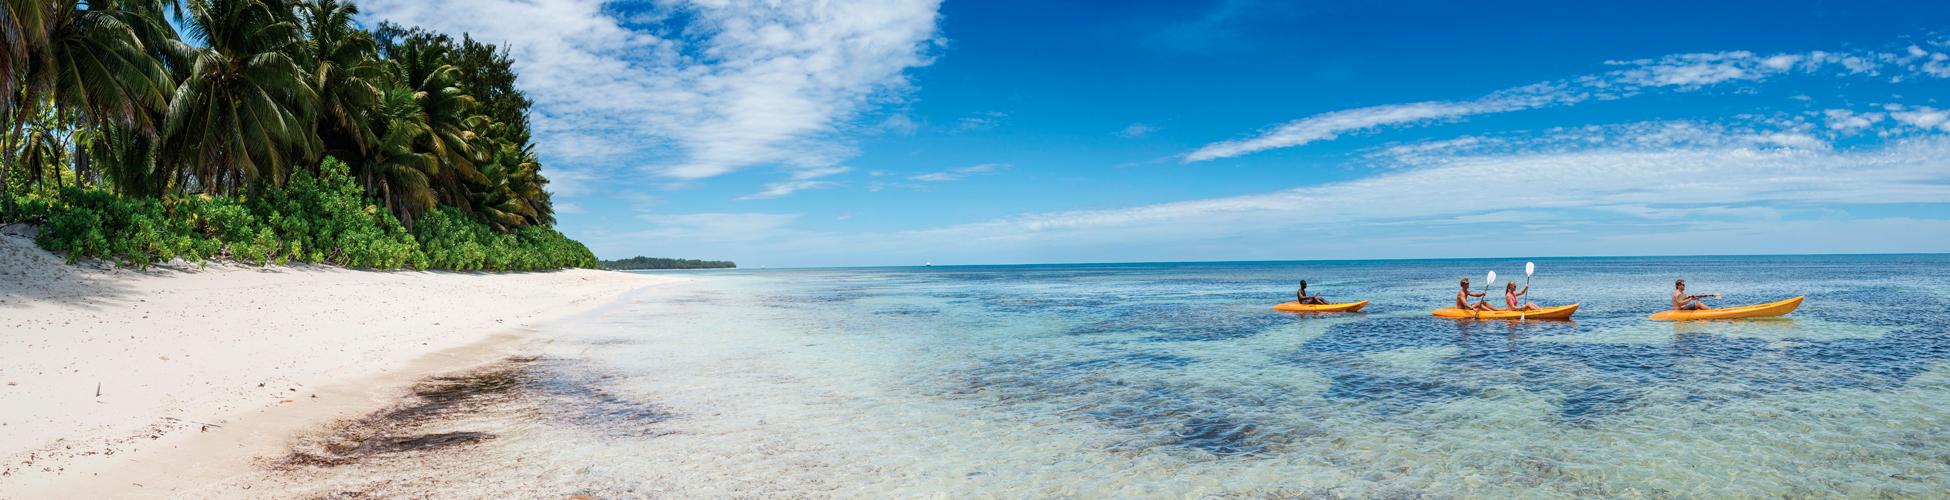 seychellen header